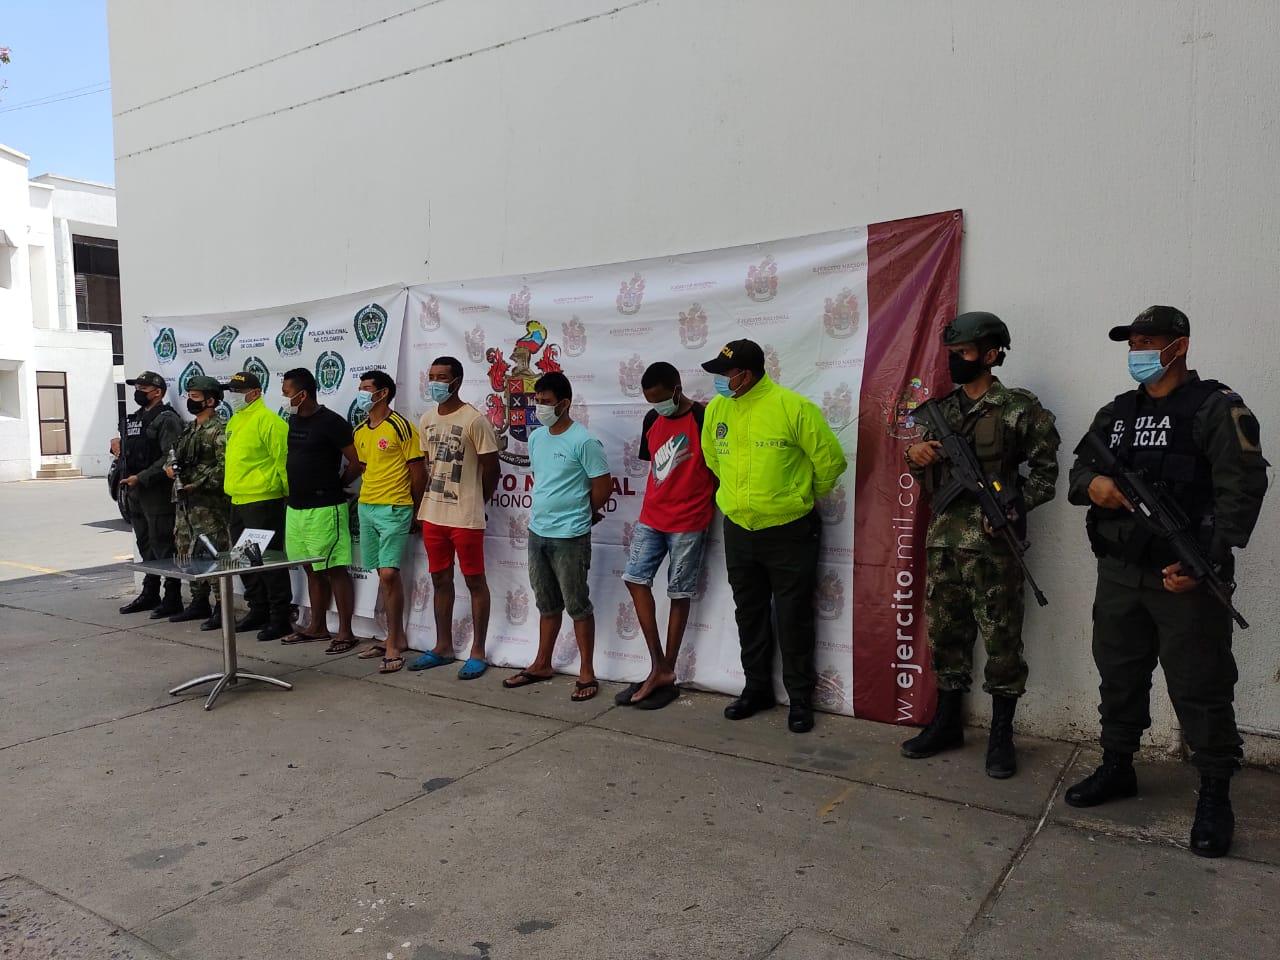 https://www.notasrosas.com/En zona rural de Dibulla, Policía Guajira neutraliza a Alias 'Cien Pesos', cabecilla de 'Los Pachencas'  Juan José Montenegro Jiménez, Alias 'Cien Pesos'